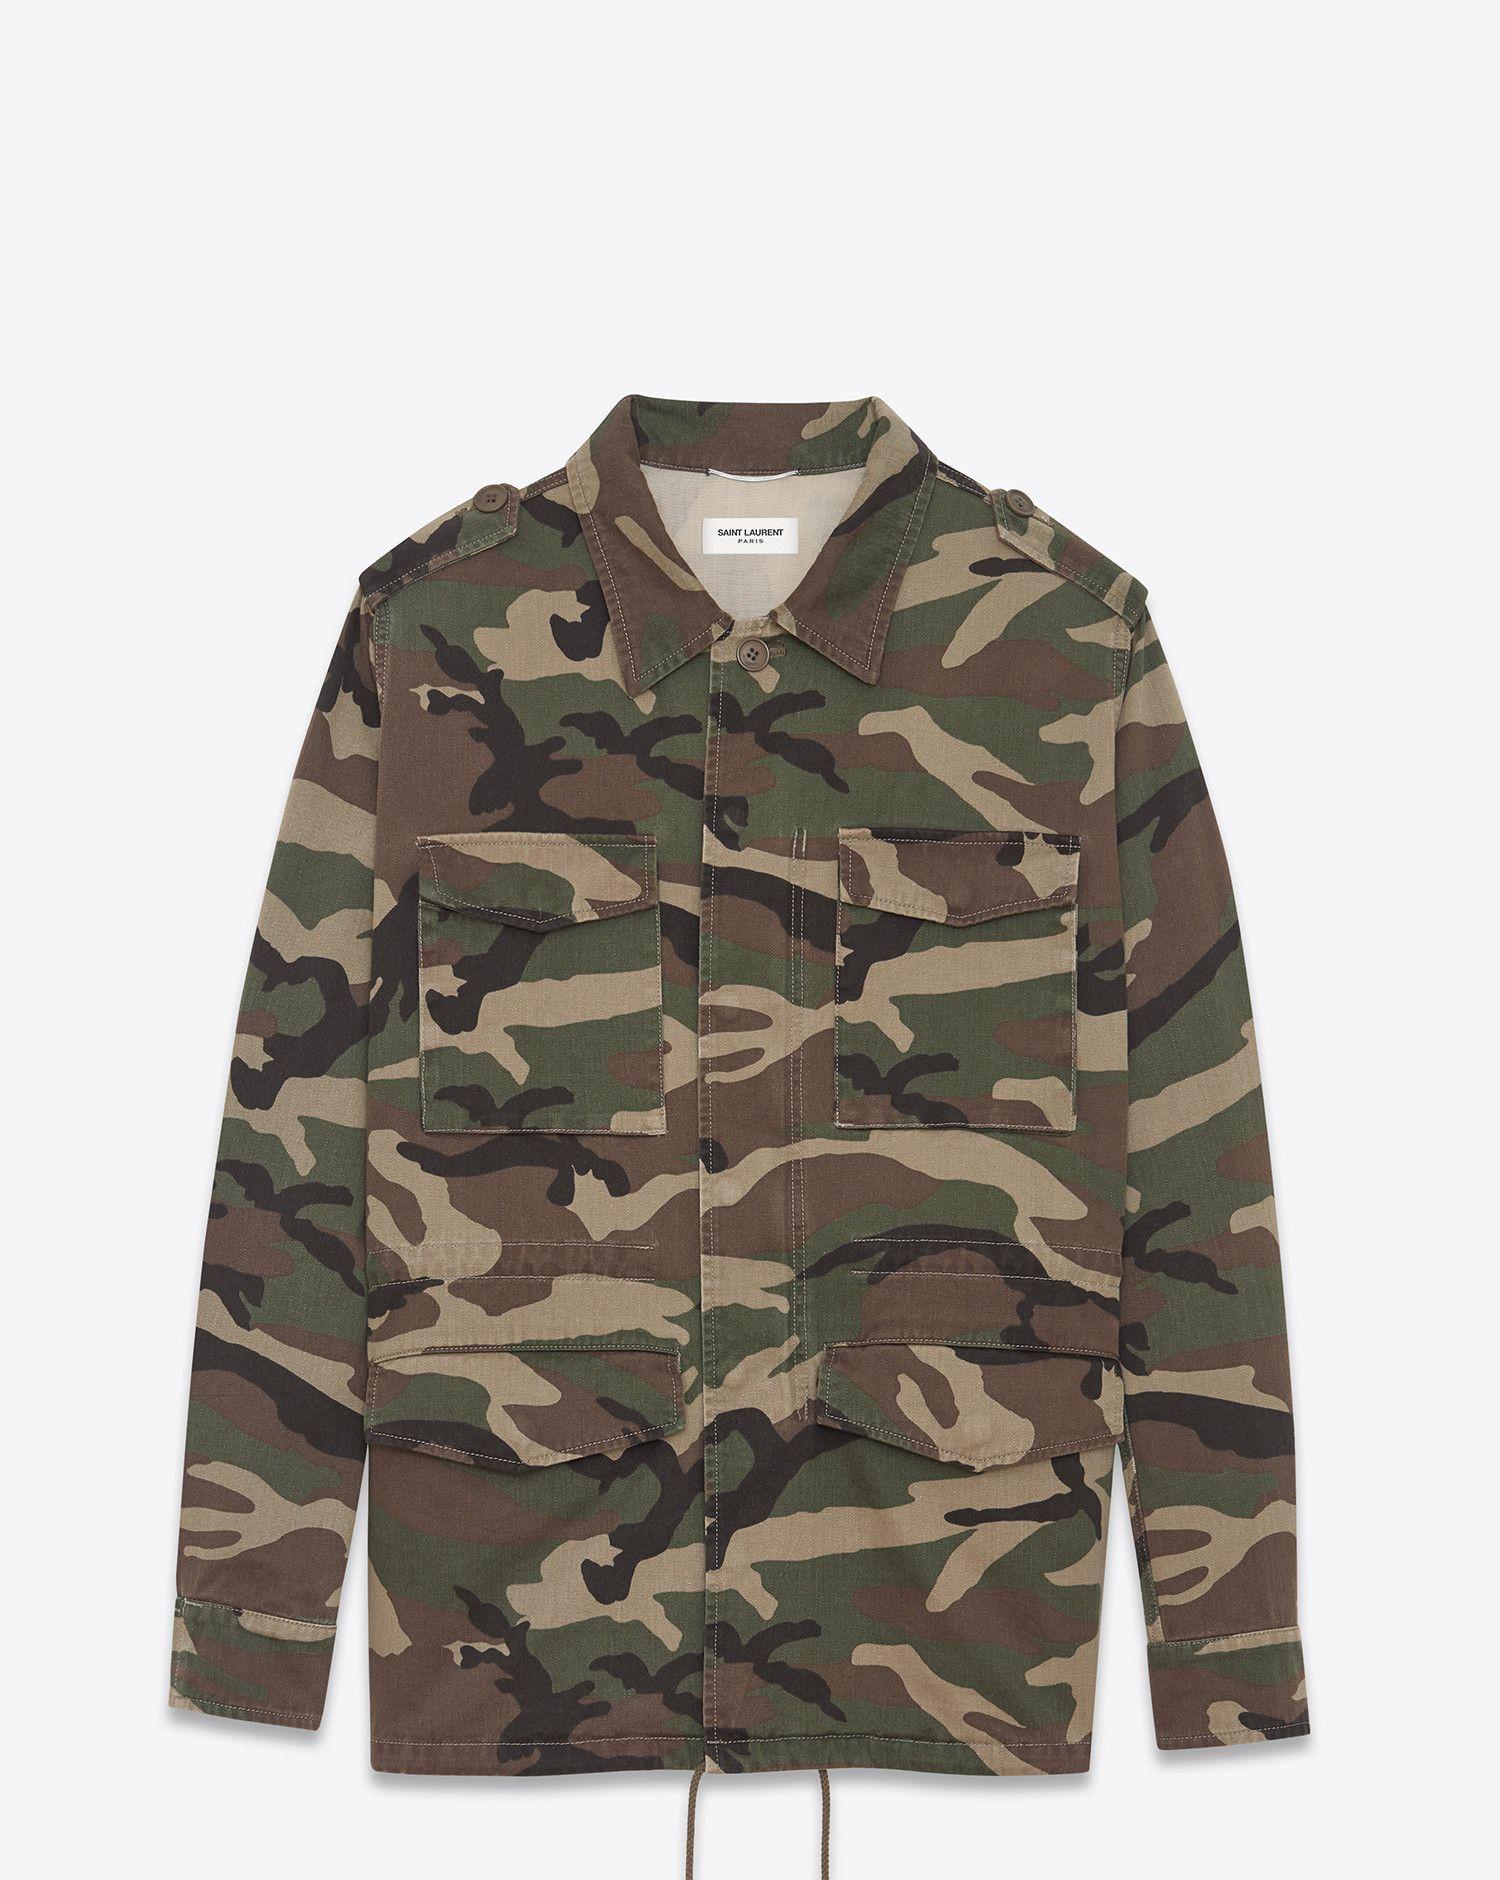 b2d35c105db5 Veste Love En À Camouflage Laurent « Imprimé » Saint Militaire Coton  51AIqxxU